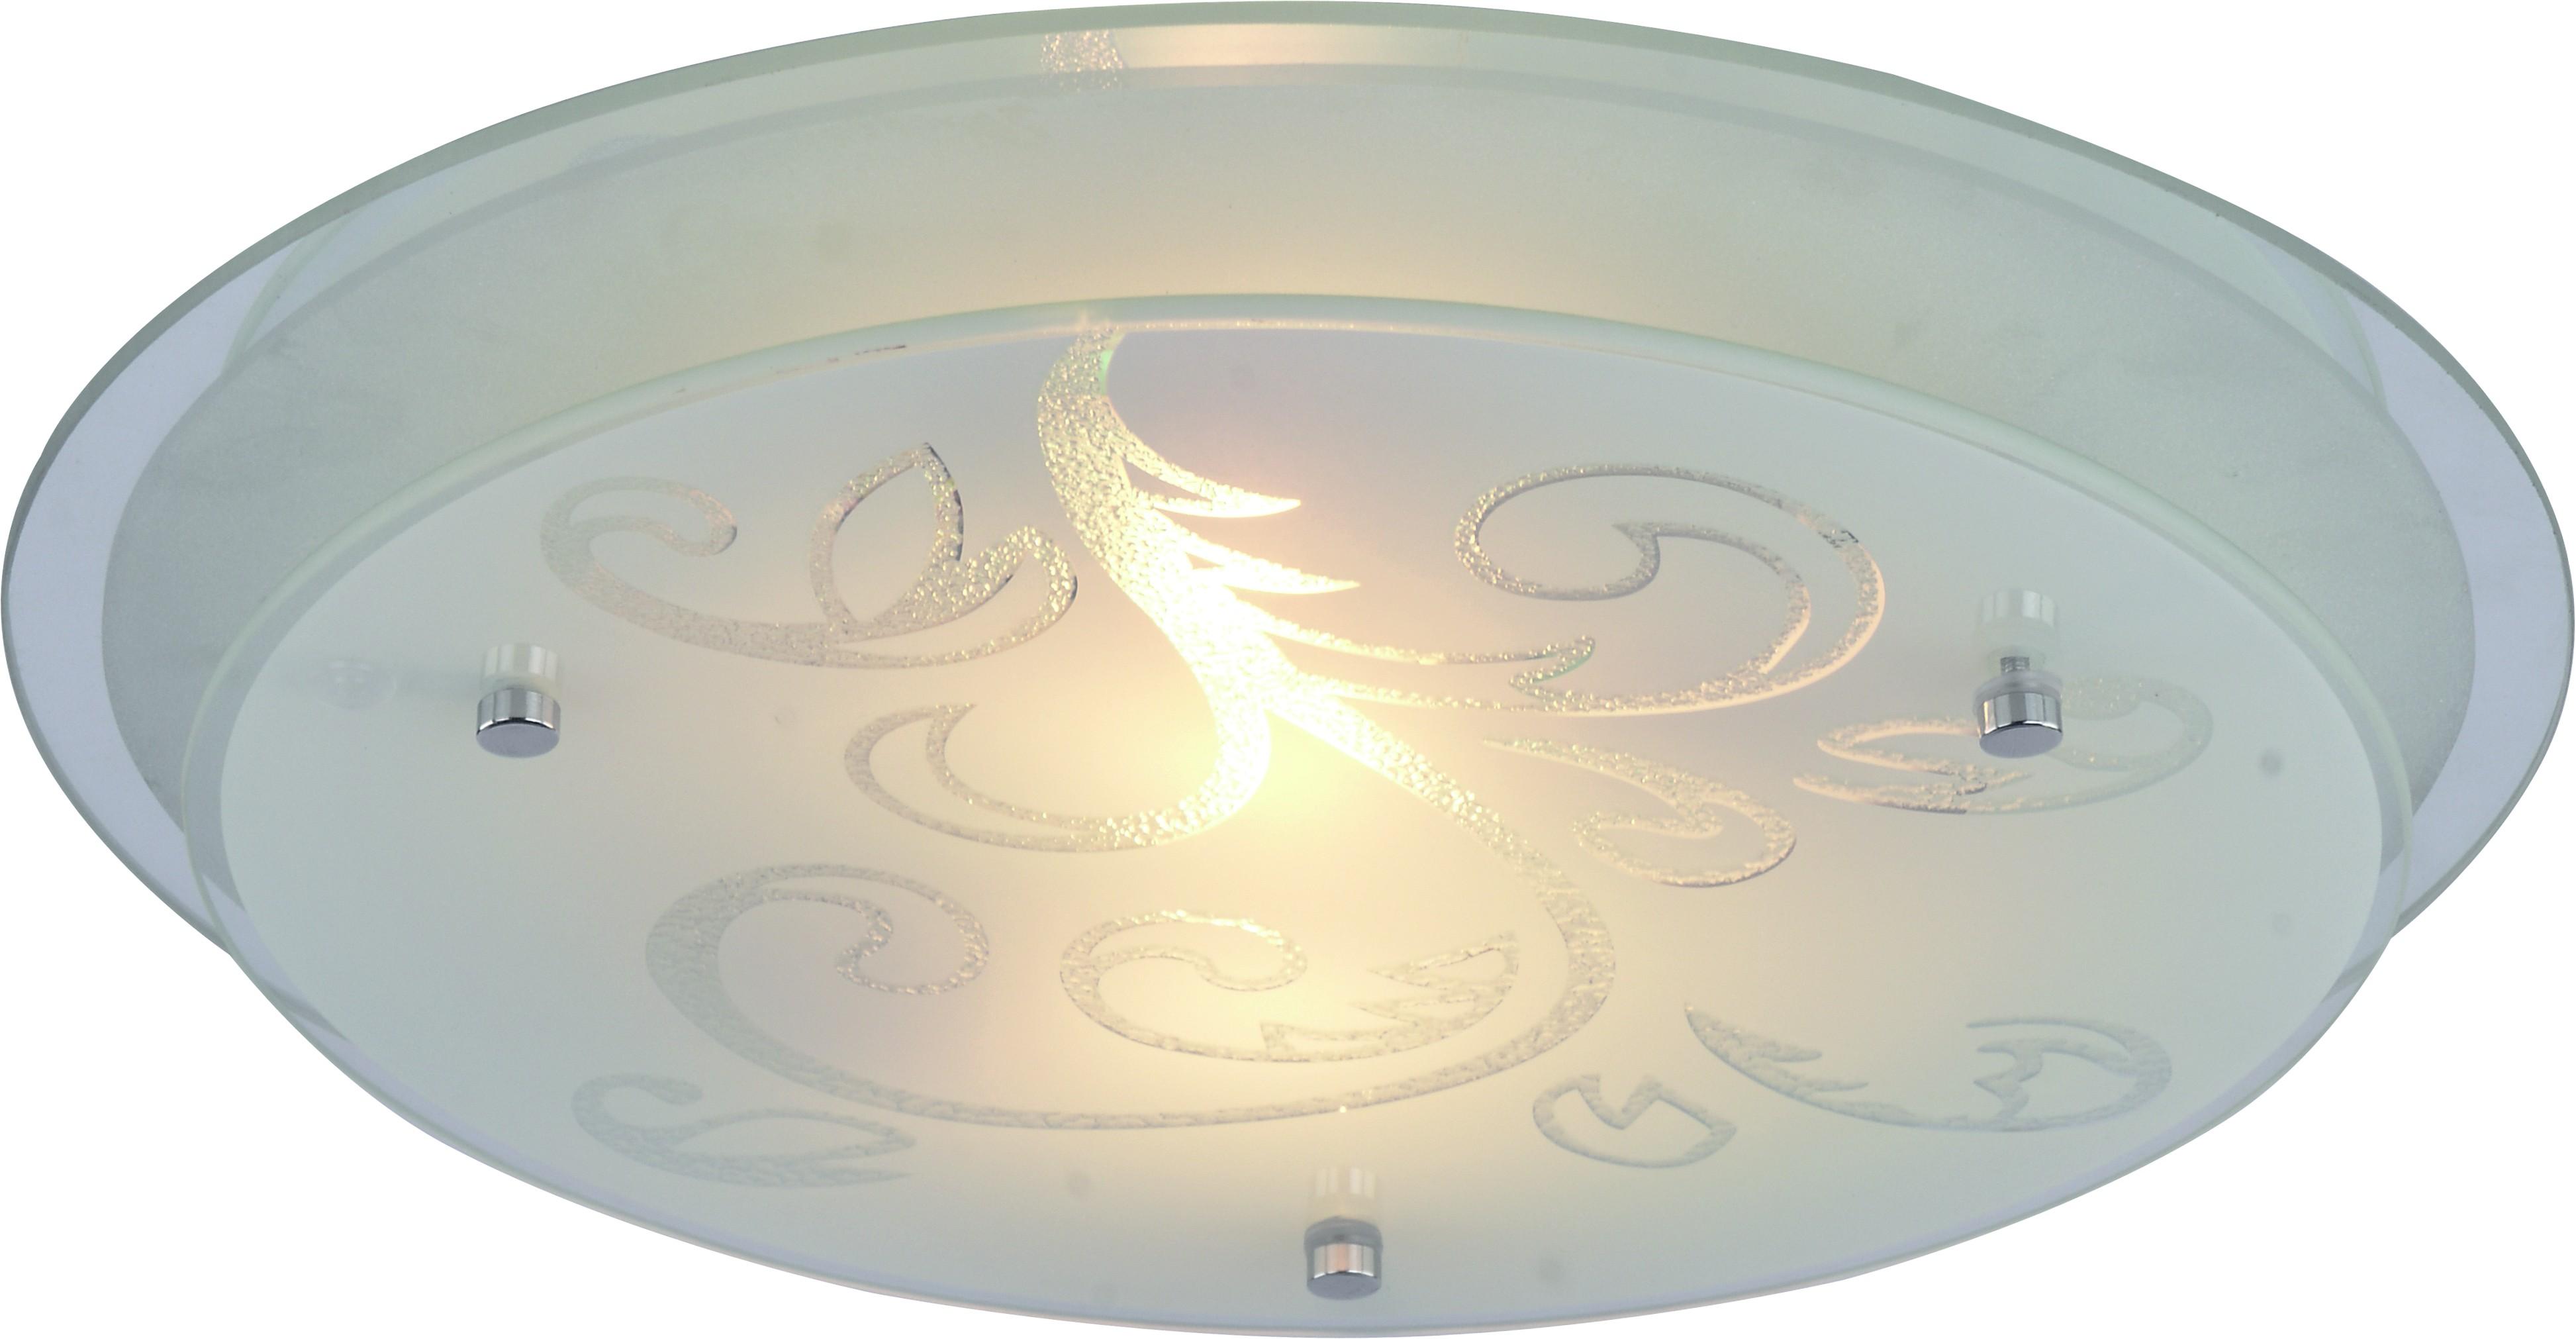 Светильник настенно-потолочный Arte lamp A4865pl-2cc светильник настенно потолочный arte lamp jasmine a4040pl 2cc 2x60вт e27 хром